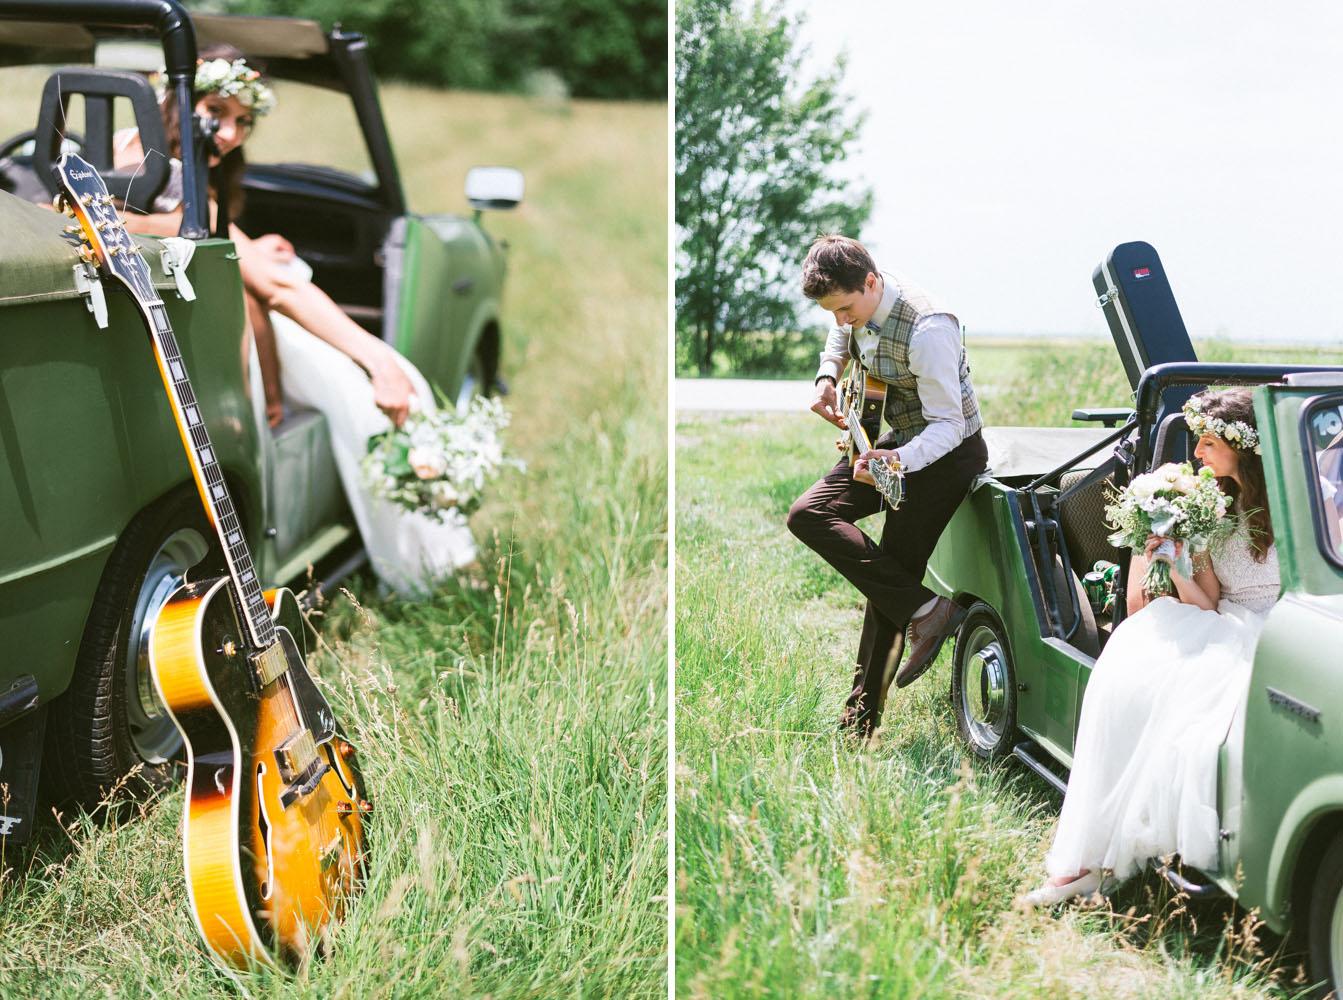 gitar-eskuvo-trabant-menyassony-vidam-egyedi.jpg